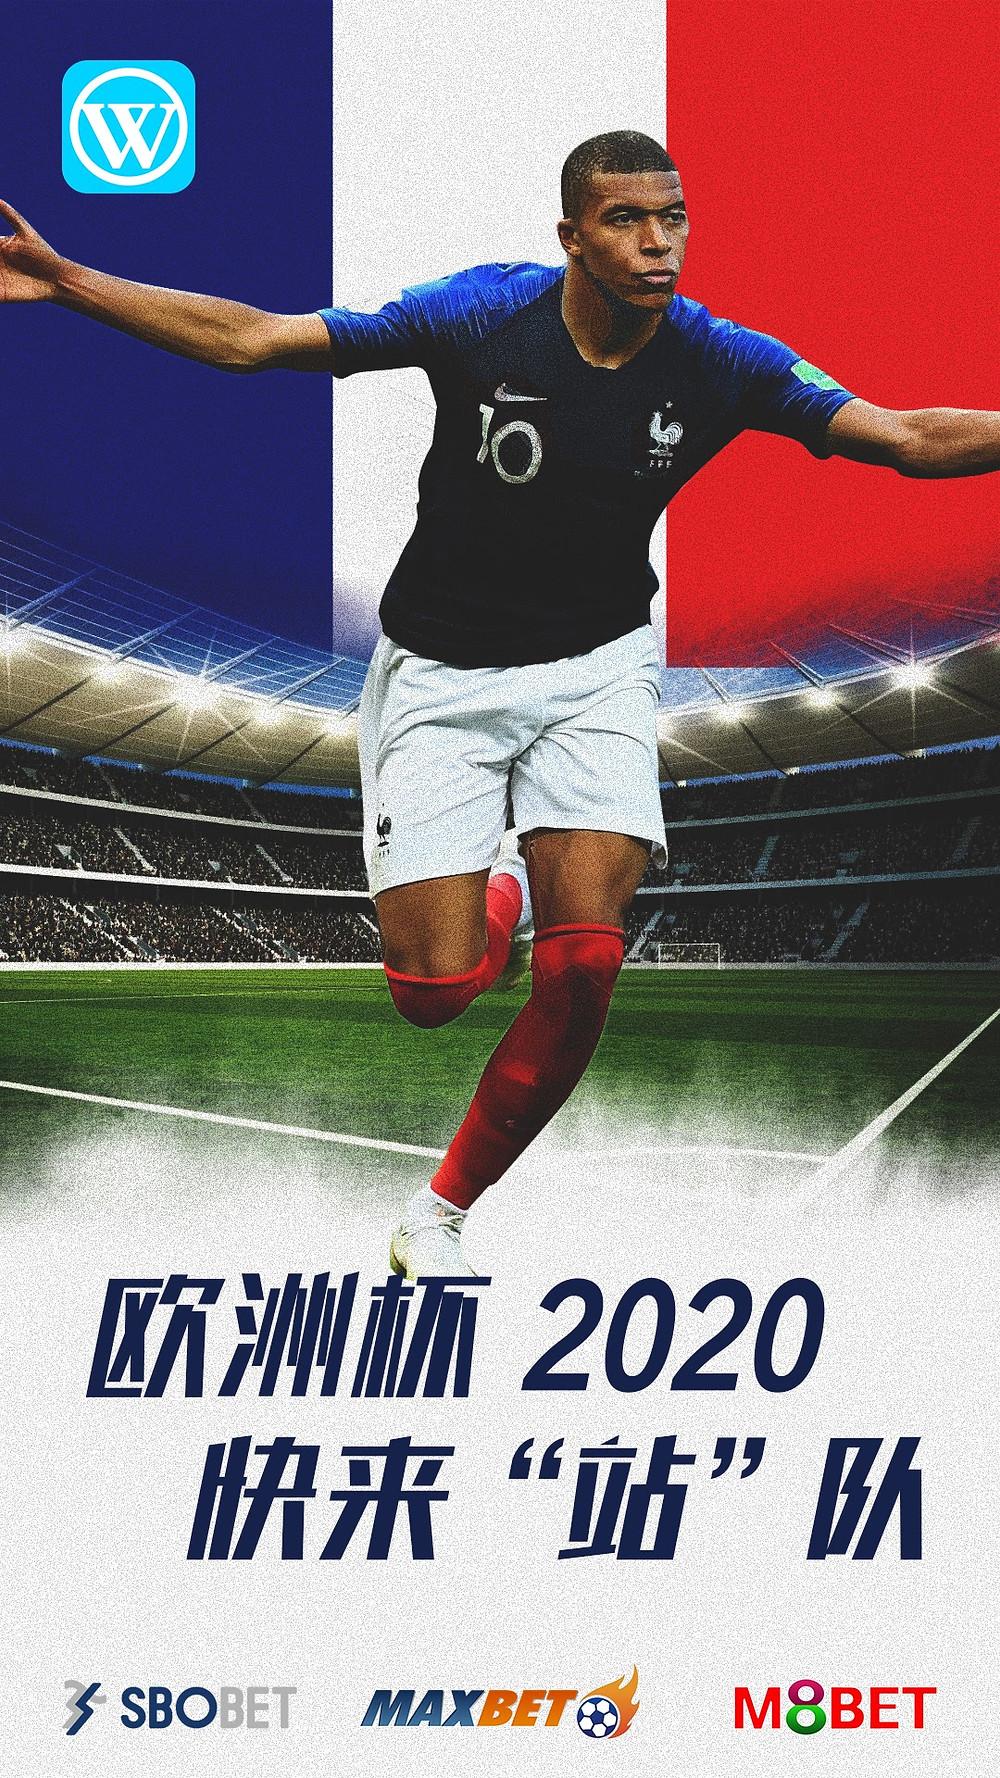 UEFA 2020 Tonight France VS Germany Tips